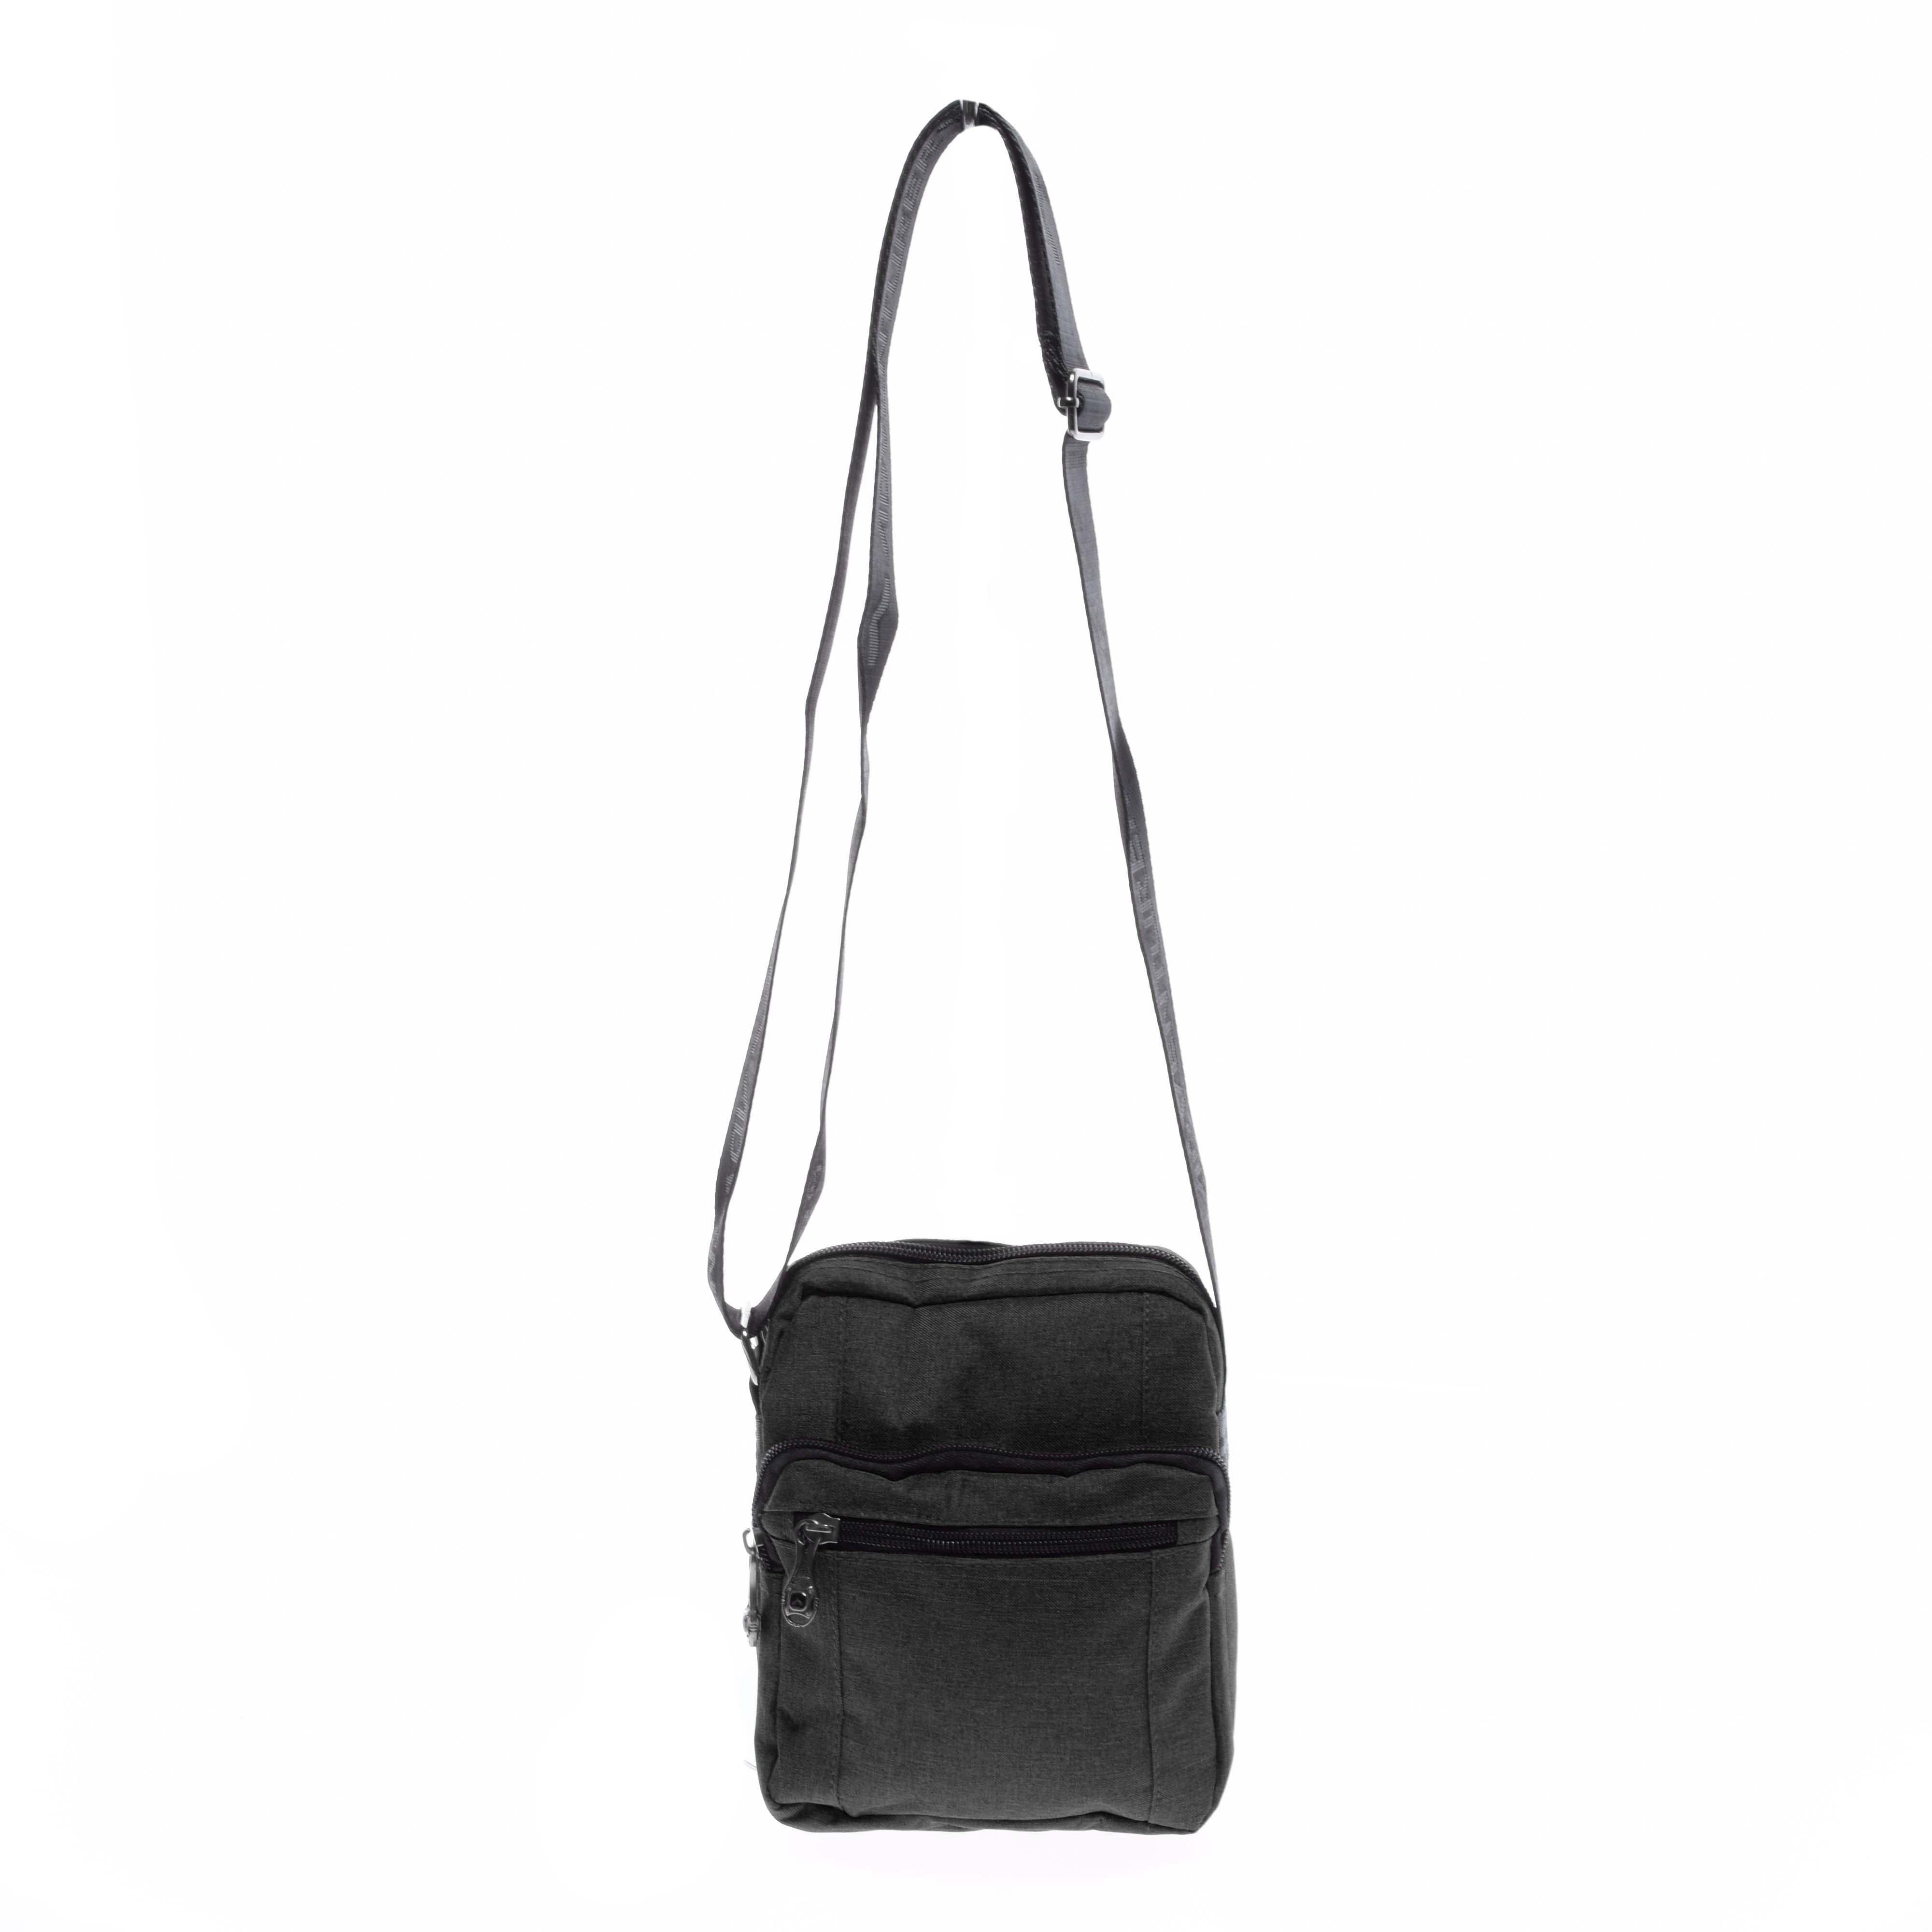 Adventurer Fekete Oldaltáska - OLDALTÁSKÁK - Táska webáruház - Minőségi  táskák mindenkinek 5b0738dc3e